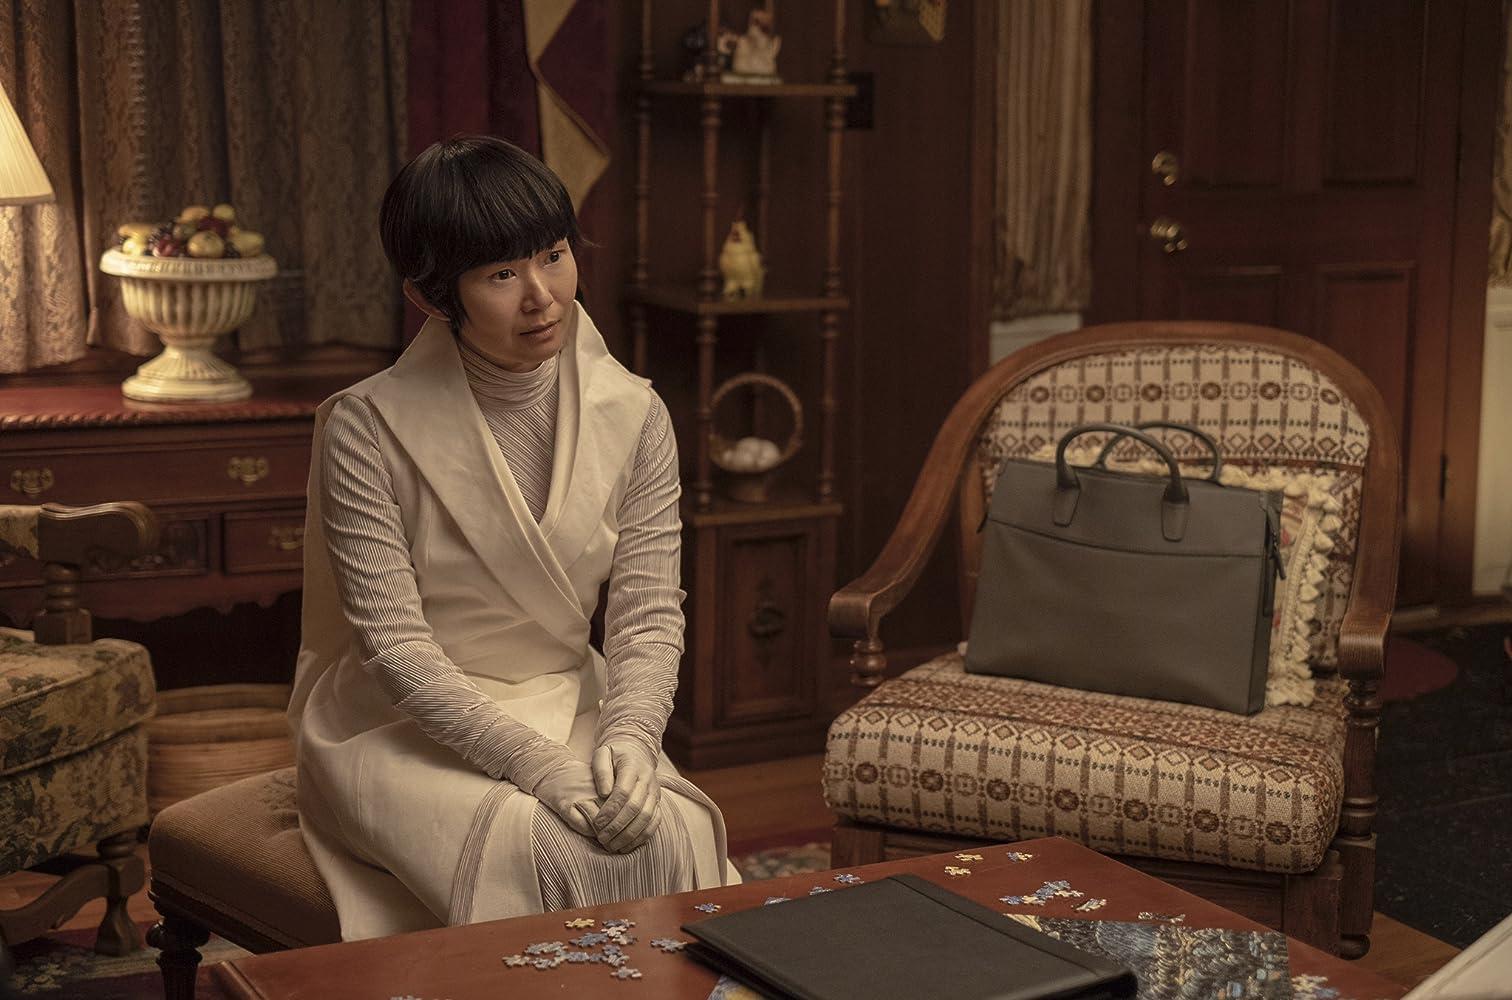 Hong Chau in Watchmen (2019)